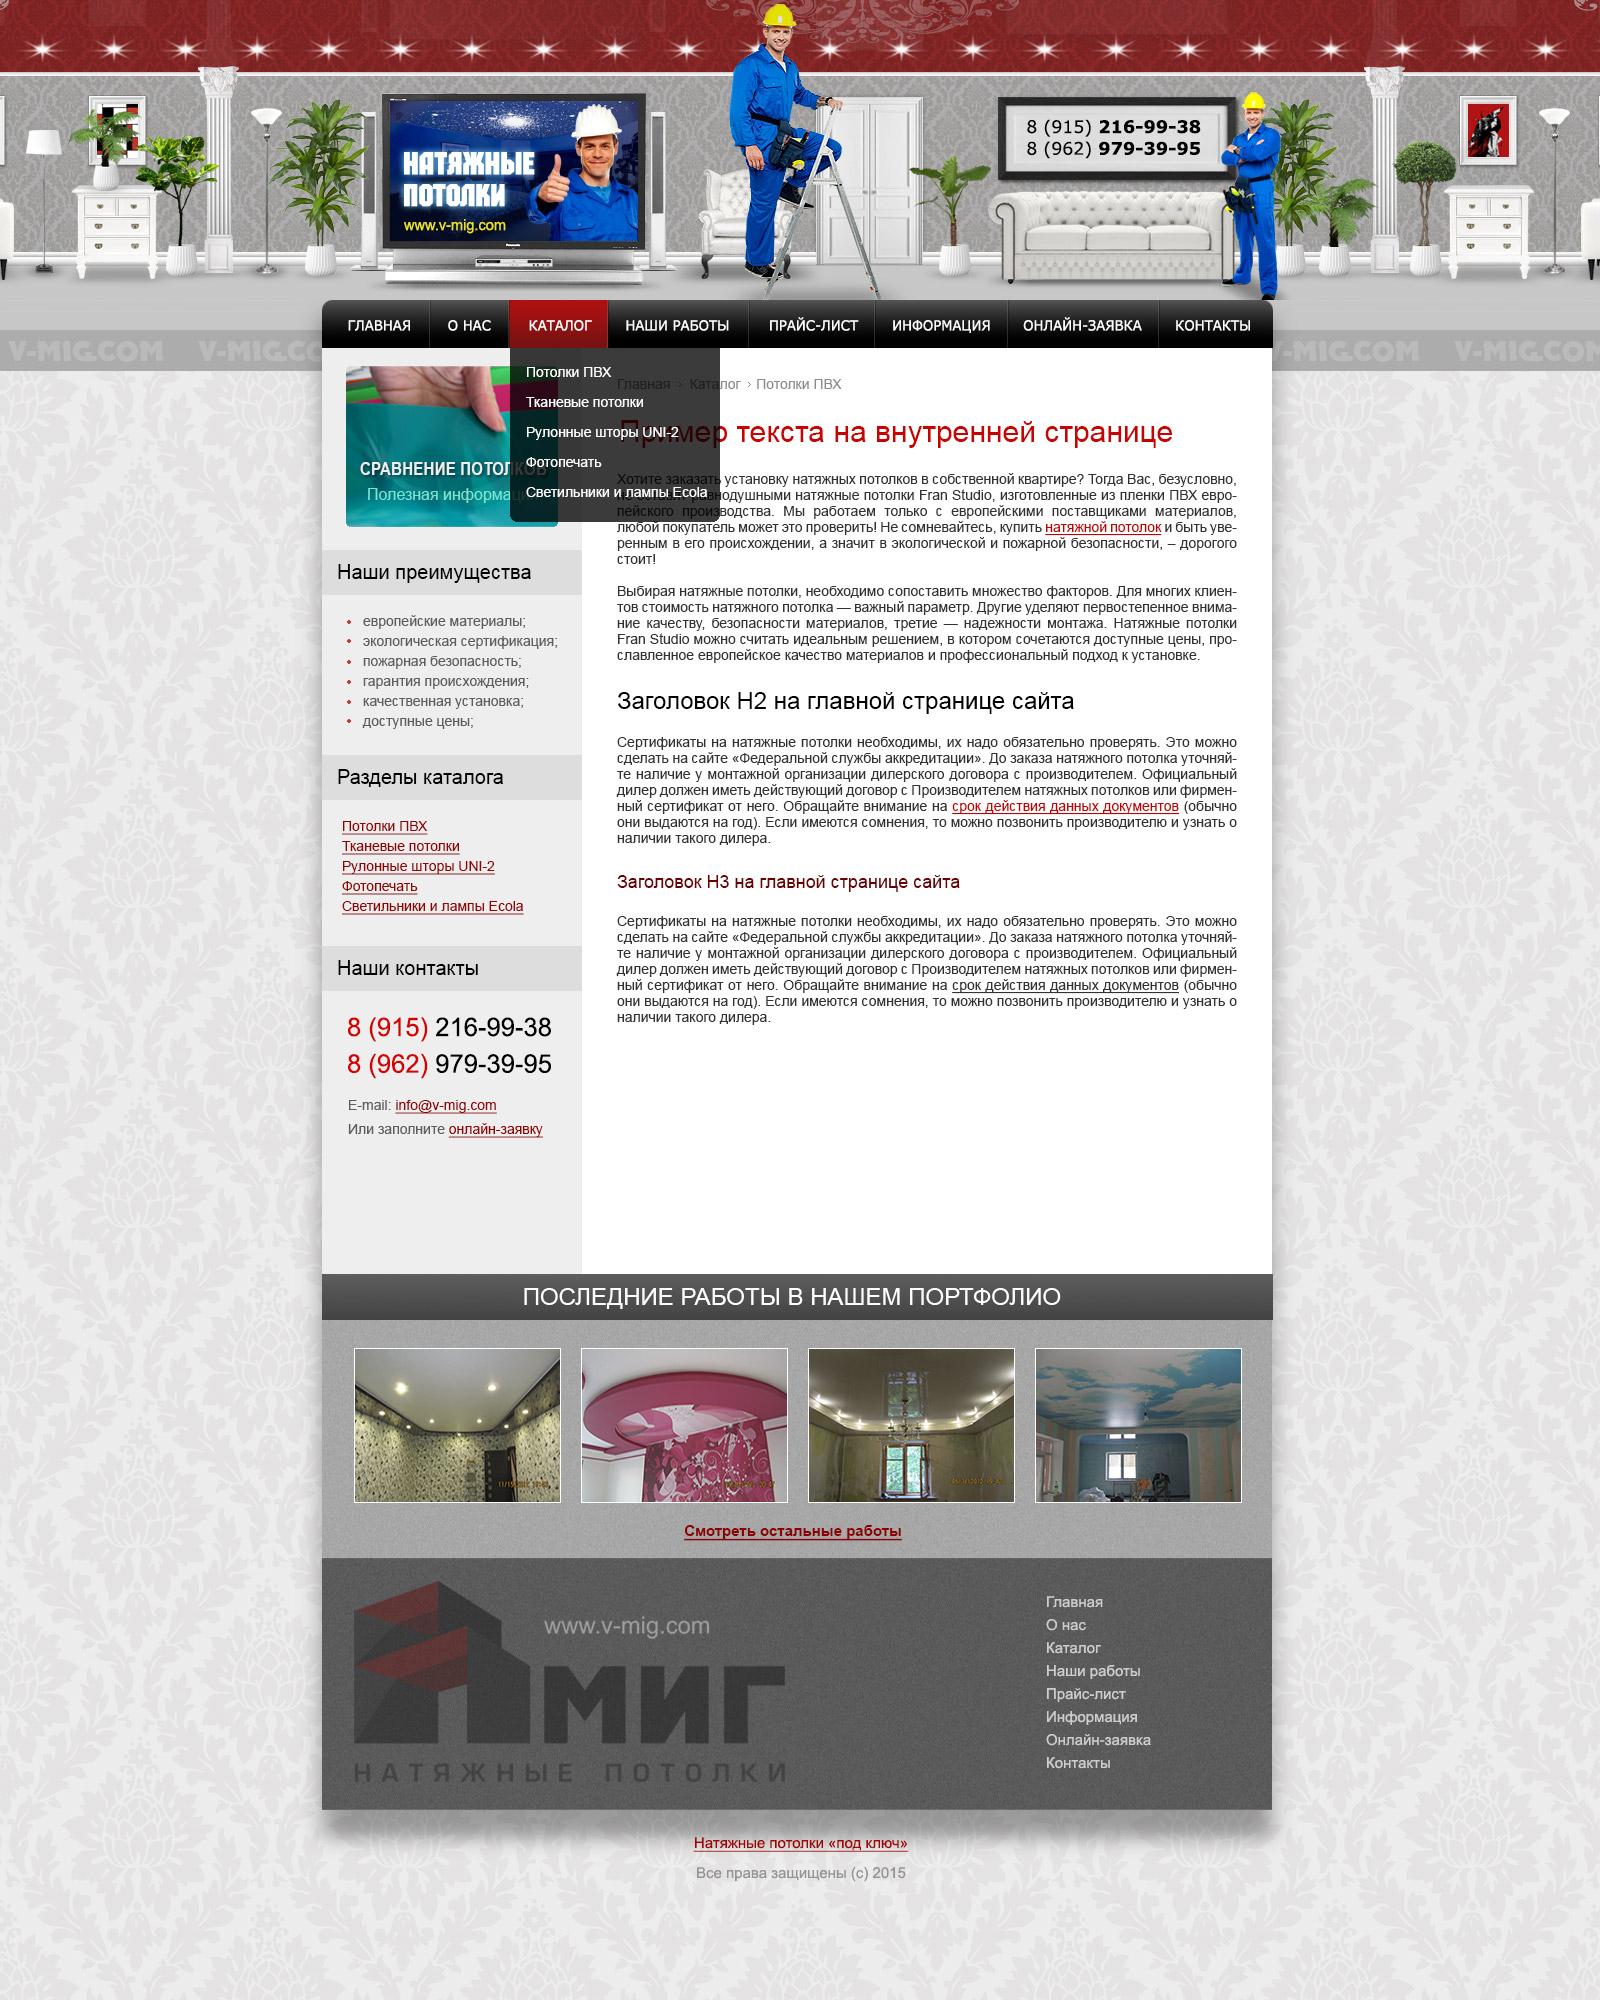 Макет внутренней страницы сайта V-MIG.COM